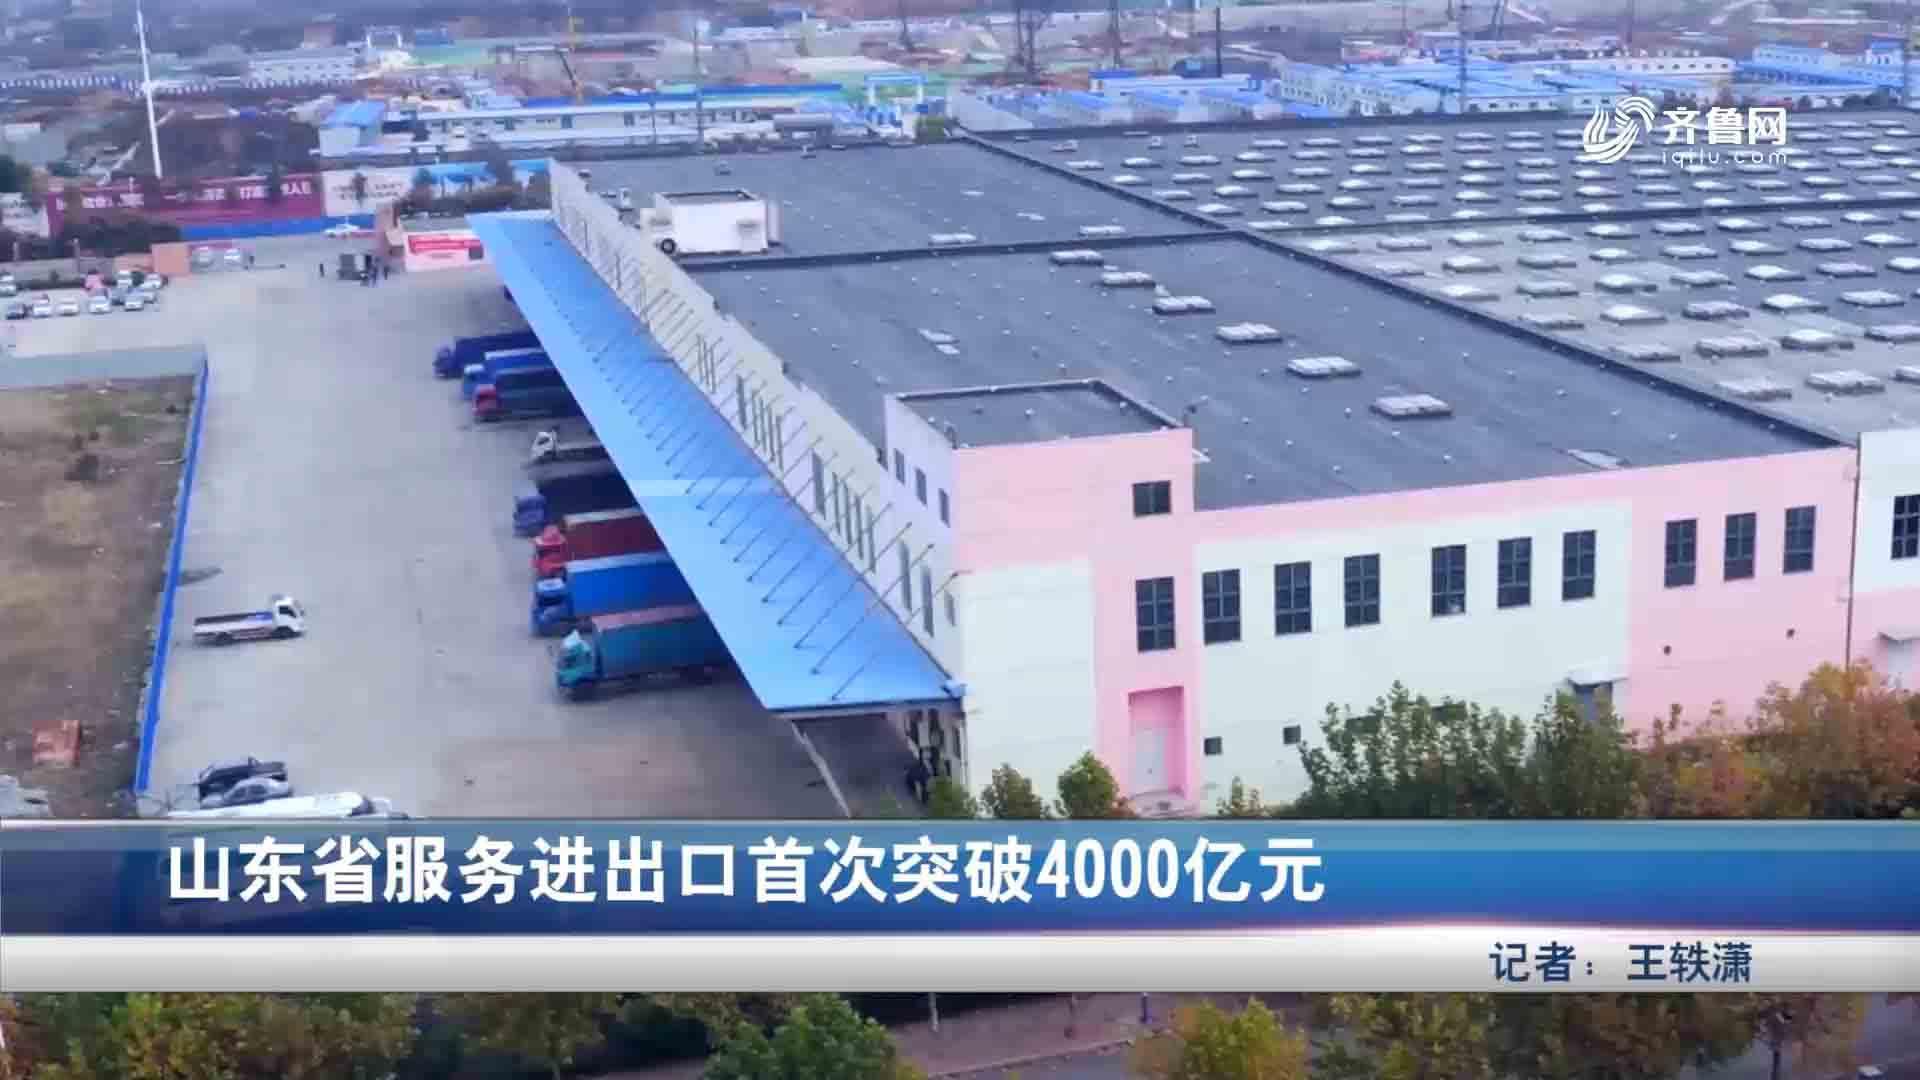 山东省办事收支口初次打破4000亿元